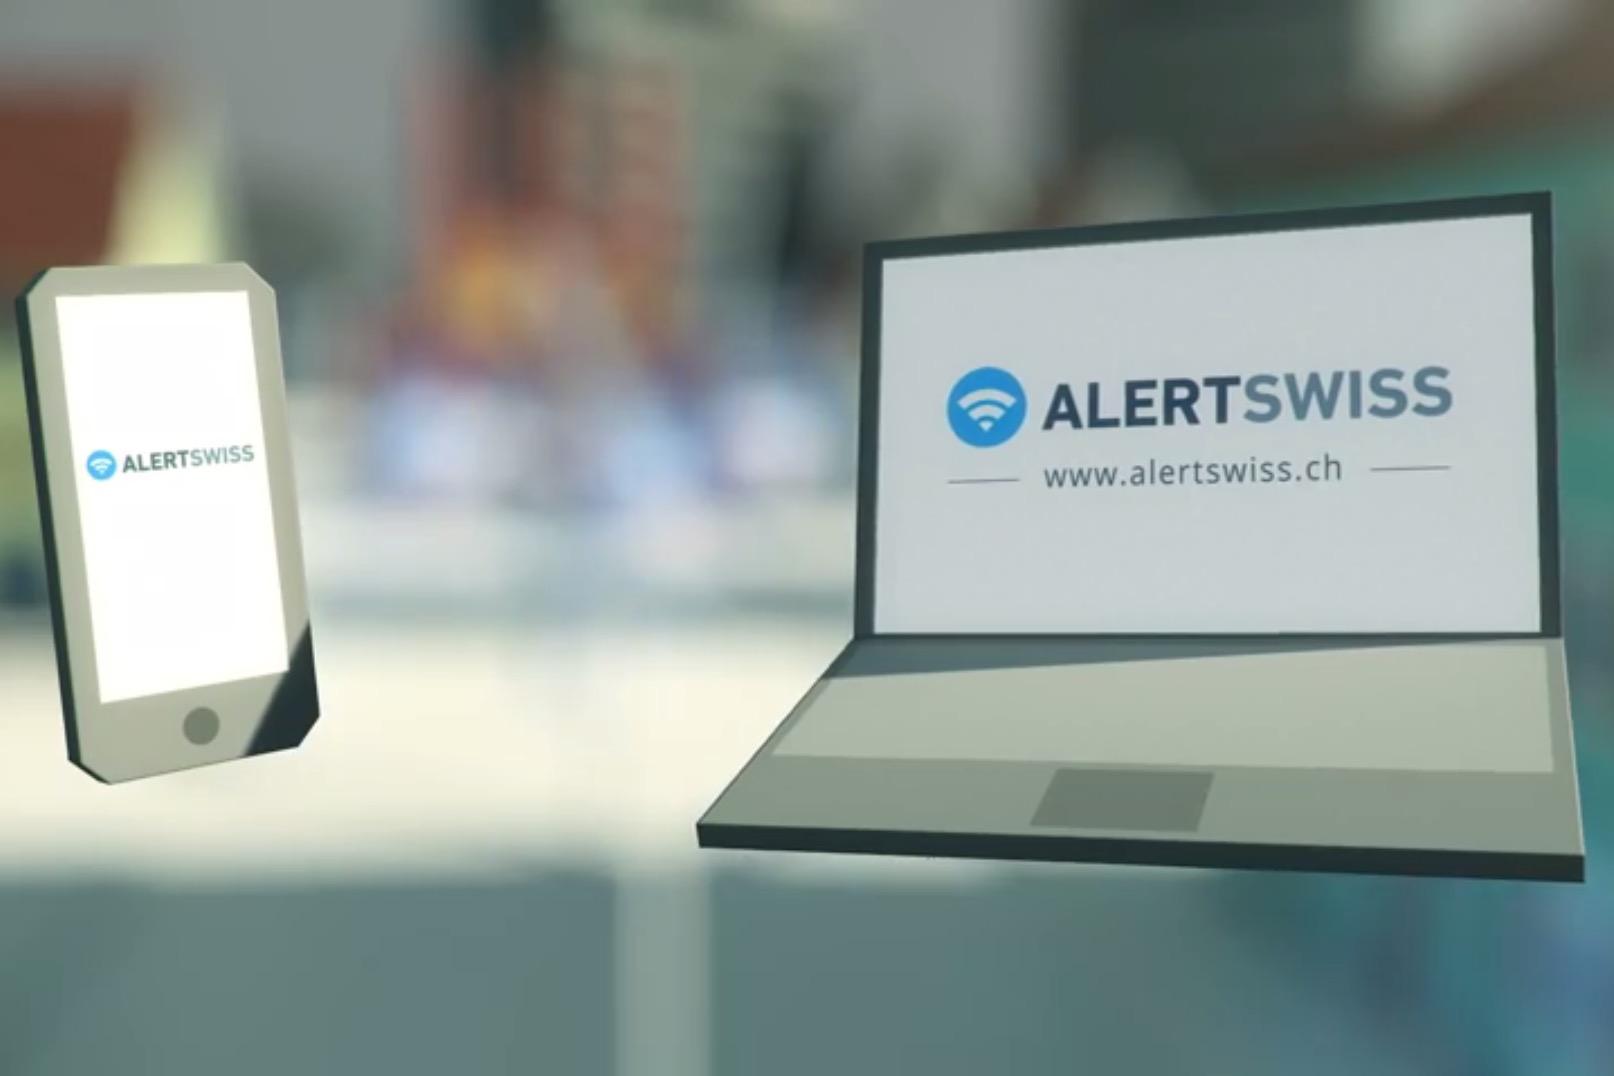 L'immagine mostra uno smartphone e un computer con il logo di Alertswiss sullo schermo.